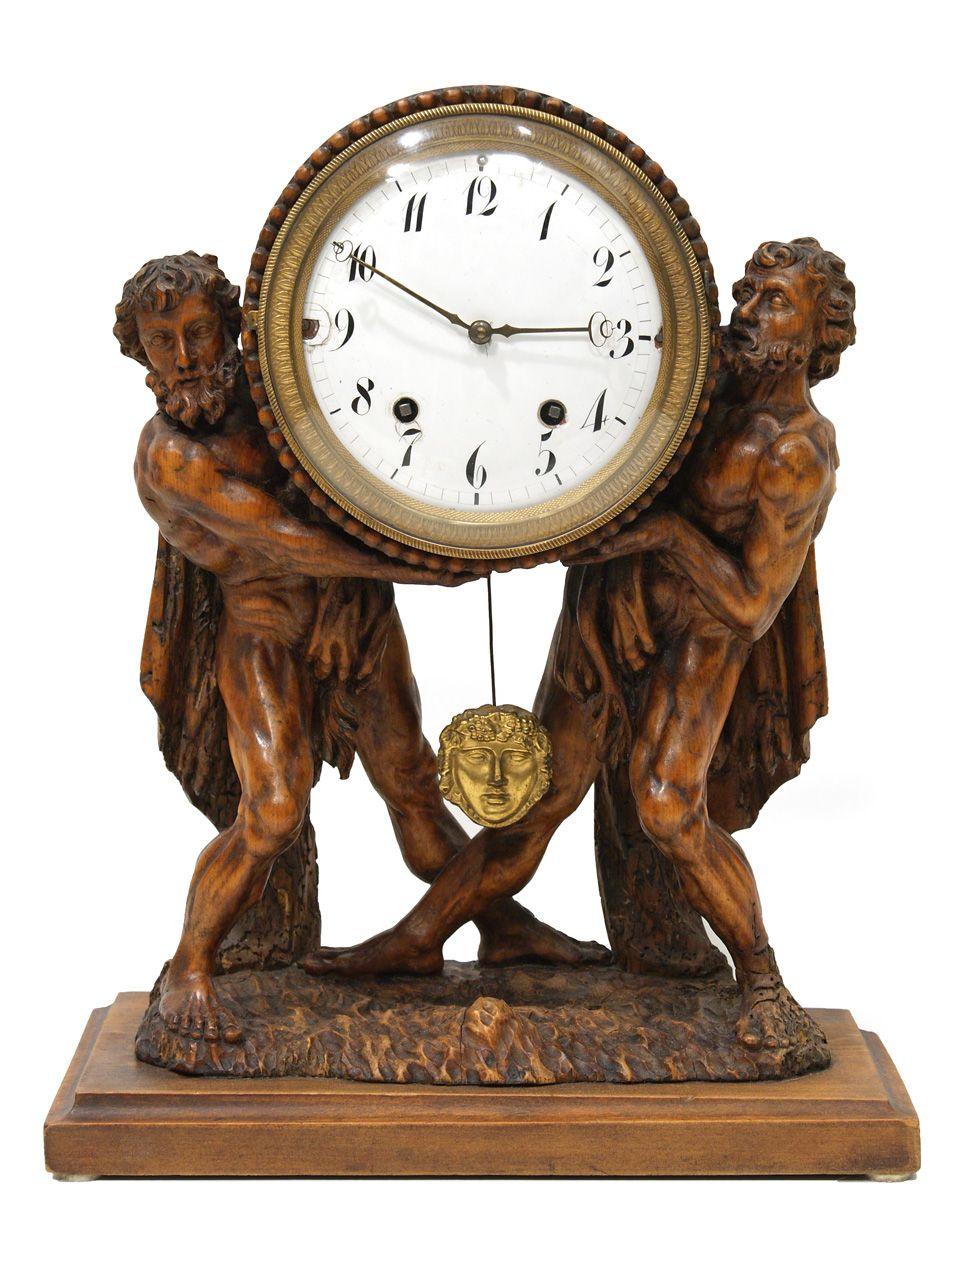 Antiquitäten Am Markt Tübingen Uhren Biedermeier Antike Uhren Kaminuhren Uhr